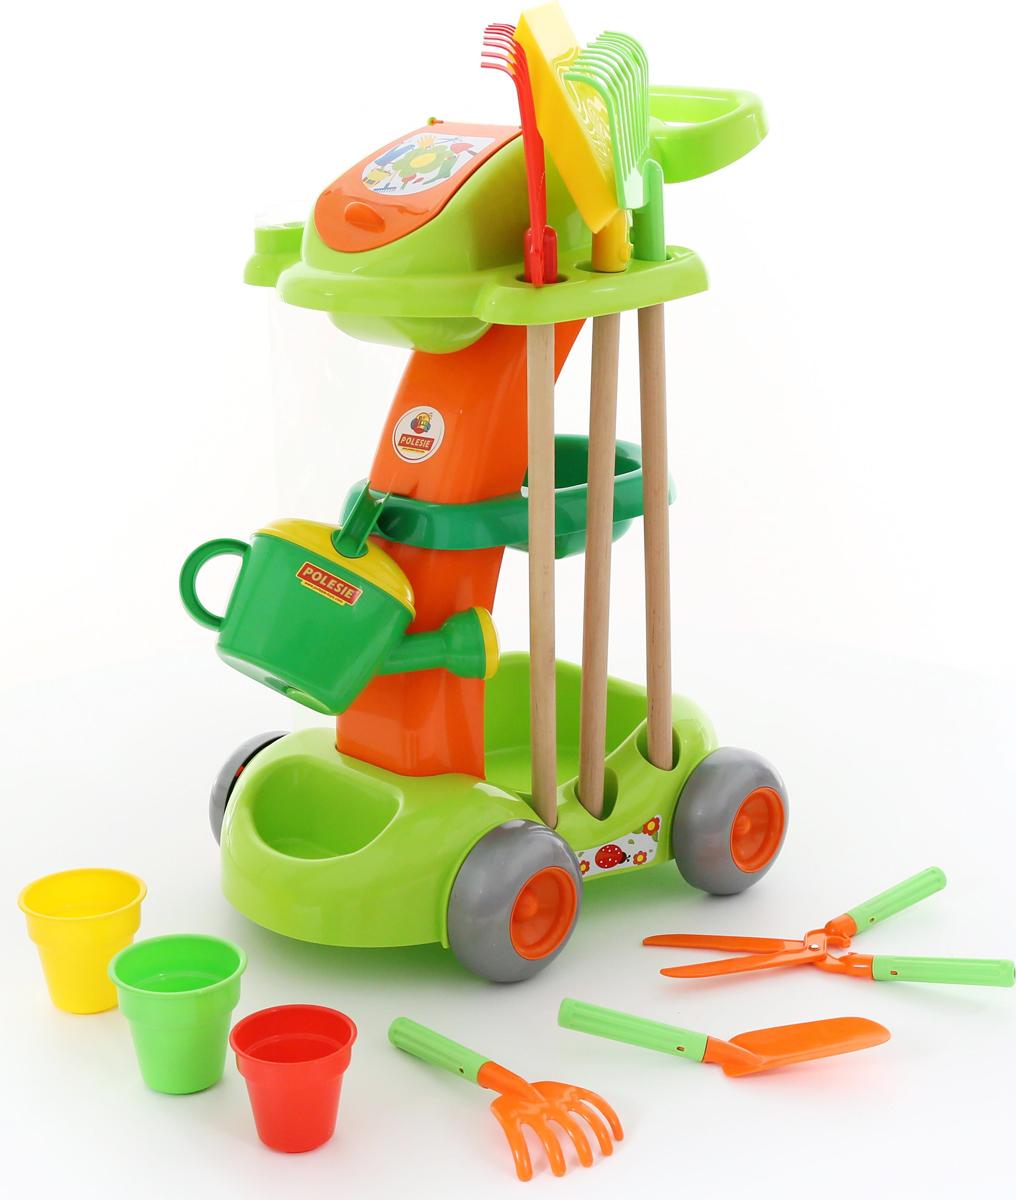 Полесье Набор игрушек для песочницы Садовый полесье полесье игровой набор садовый